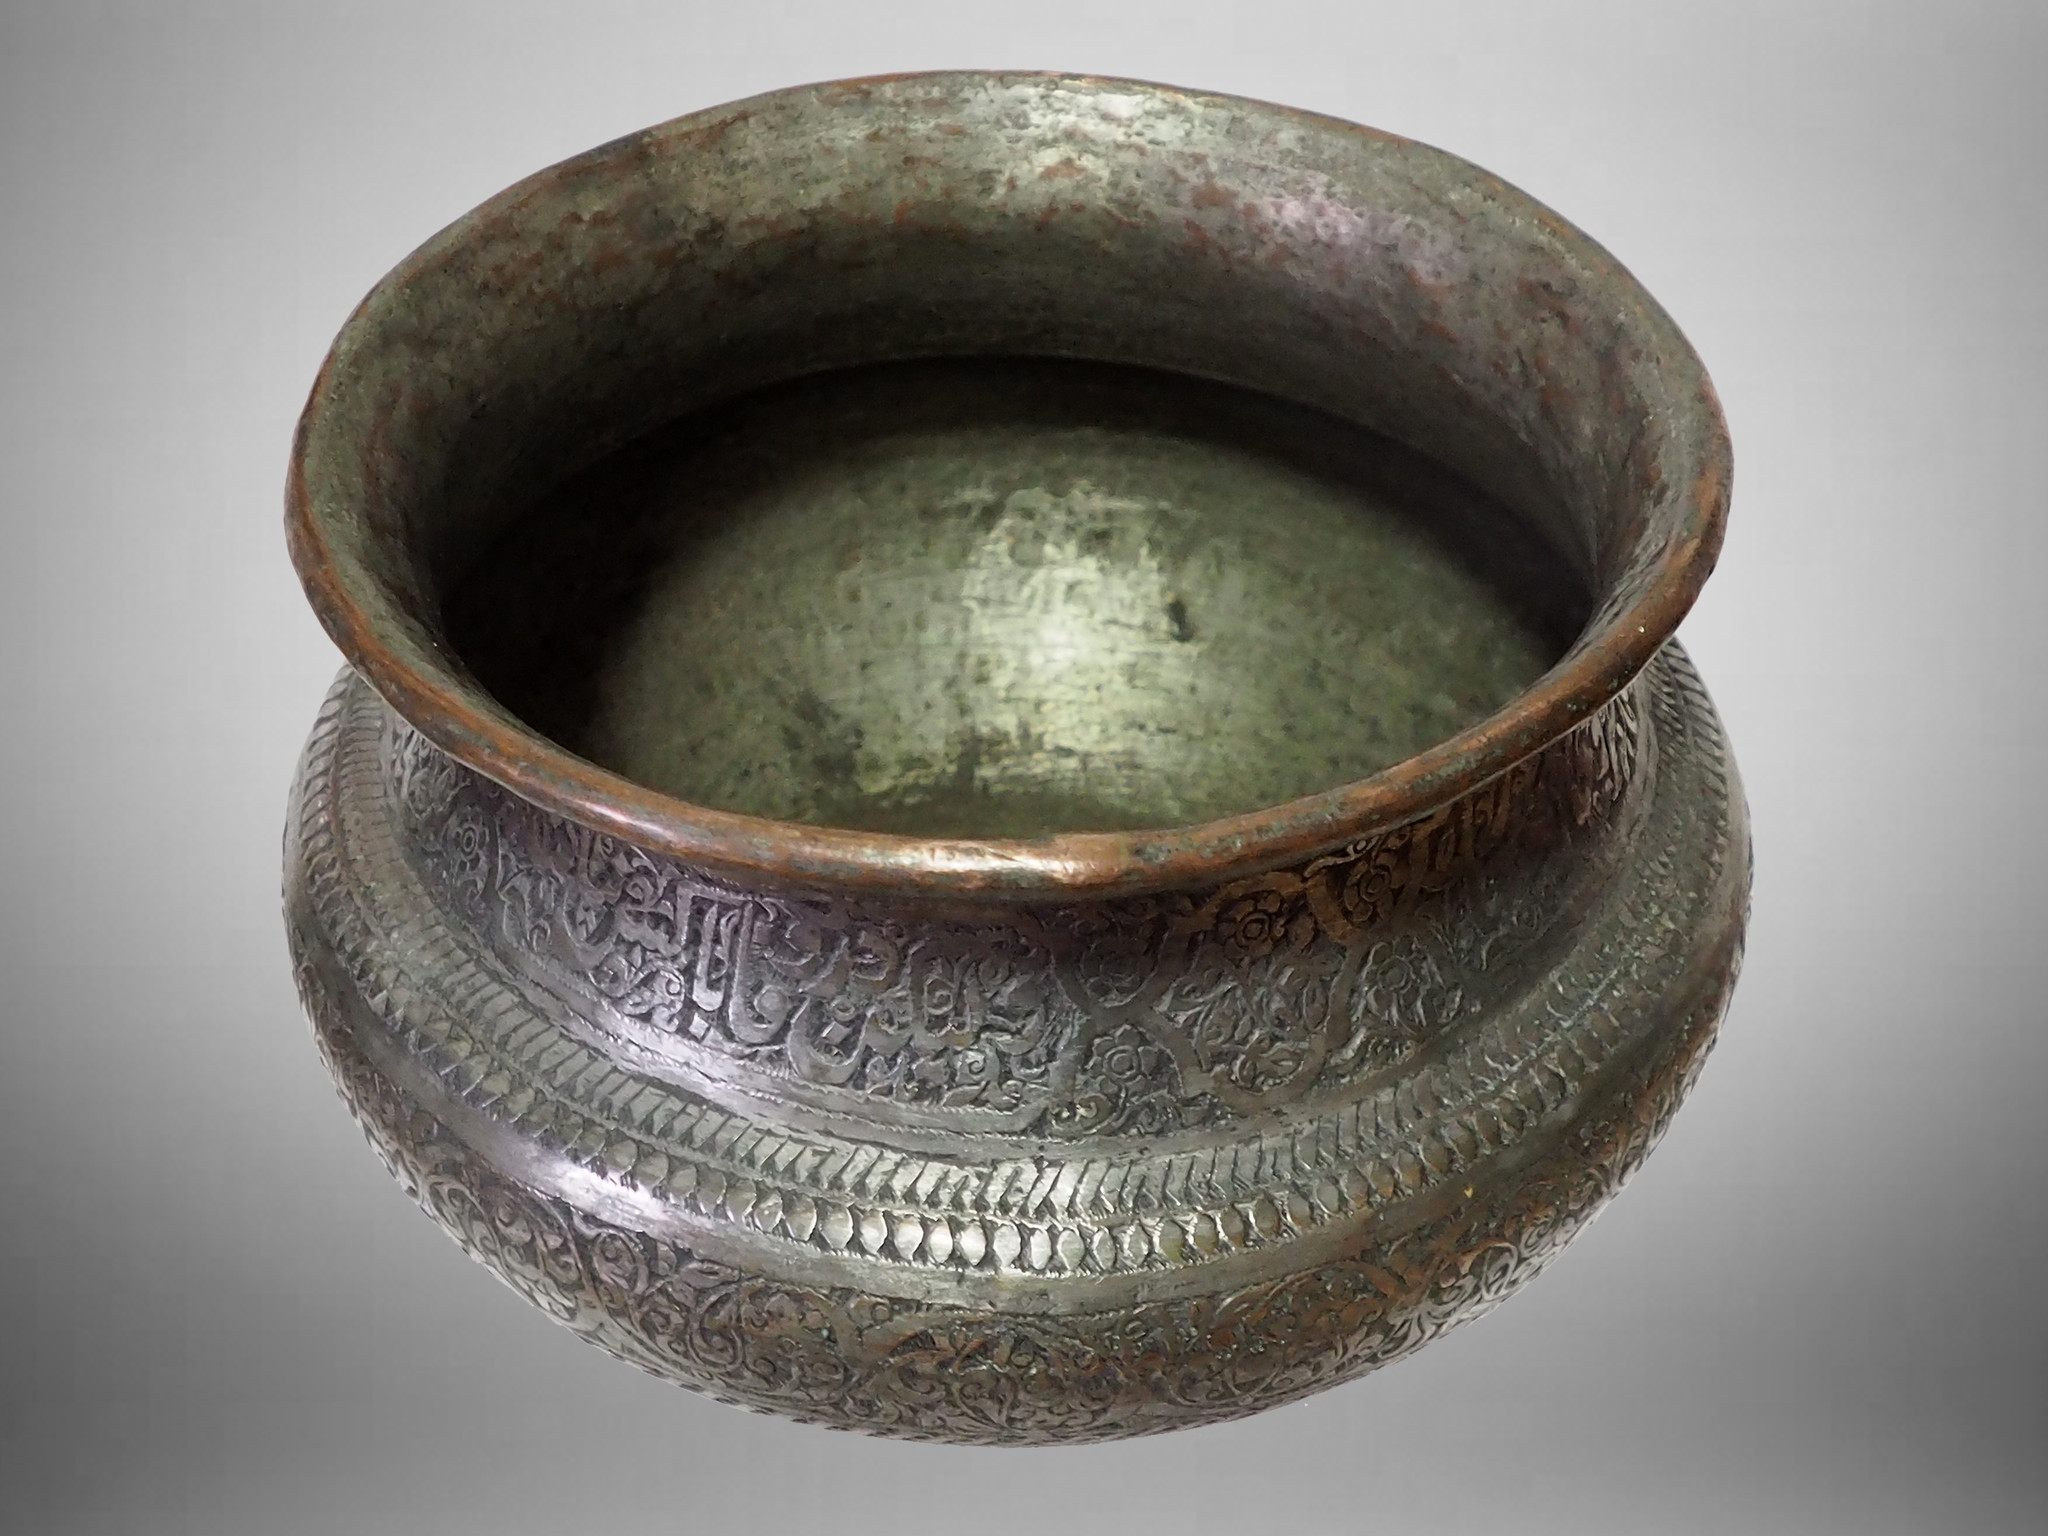 antik Massiv islamische Kupfer verzinnte Kupfer schale Schüssel gefäß aus Afghanistan 18 / 19. Jh. Tas Nr:21/A